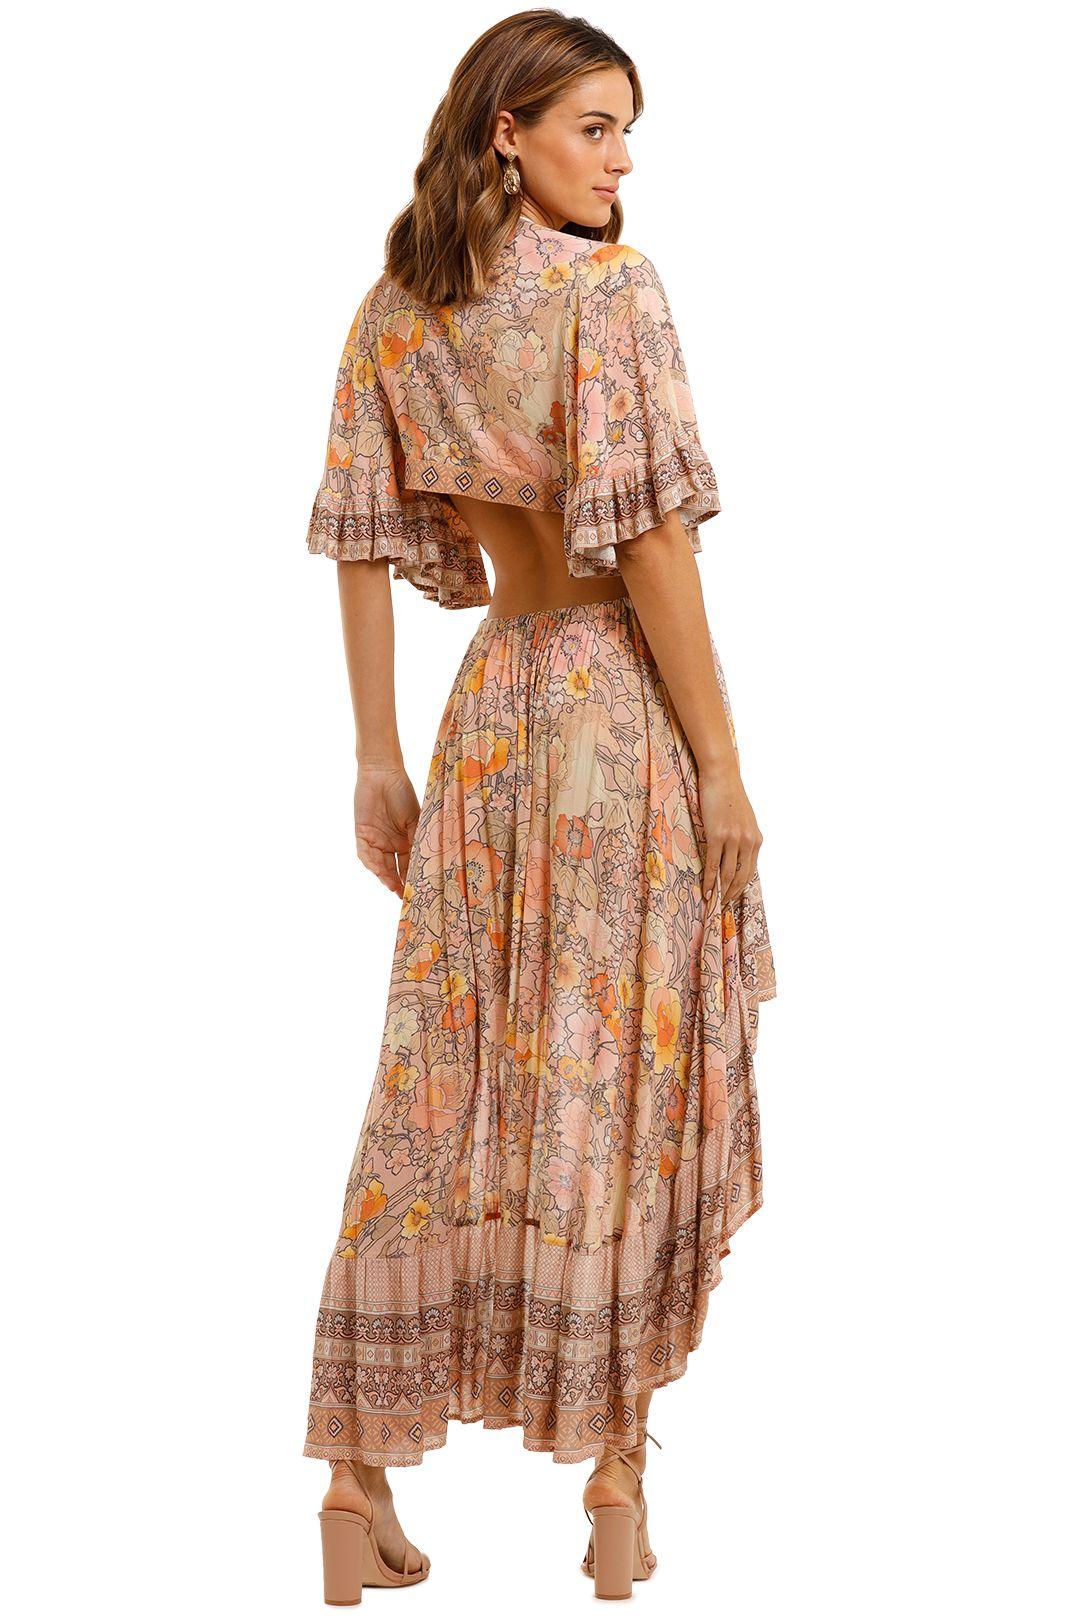 Spell Amethyst Bambi Gown Blush flutter sleeve